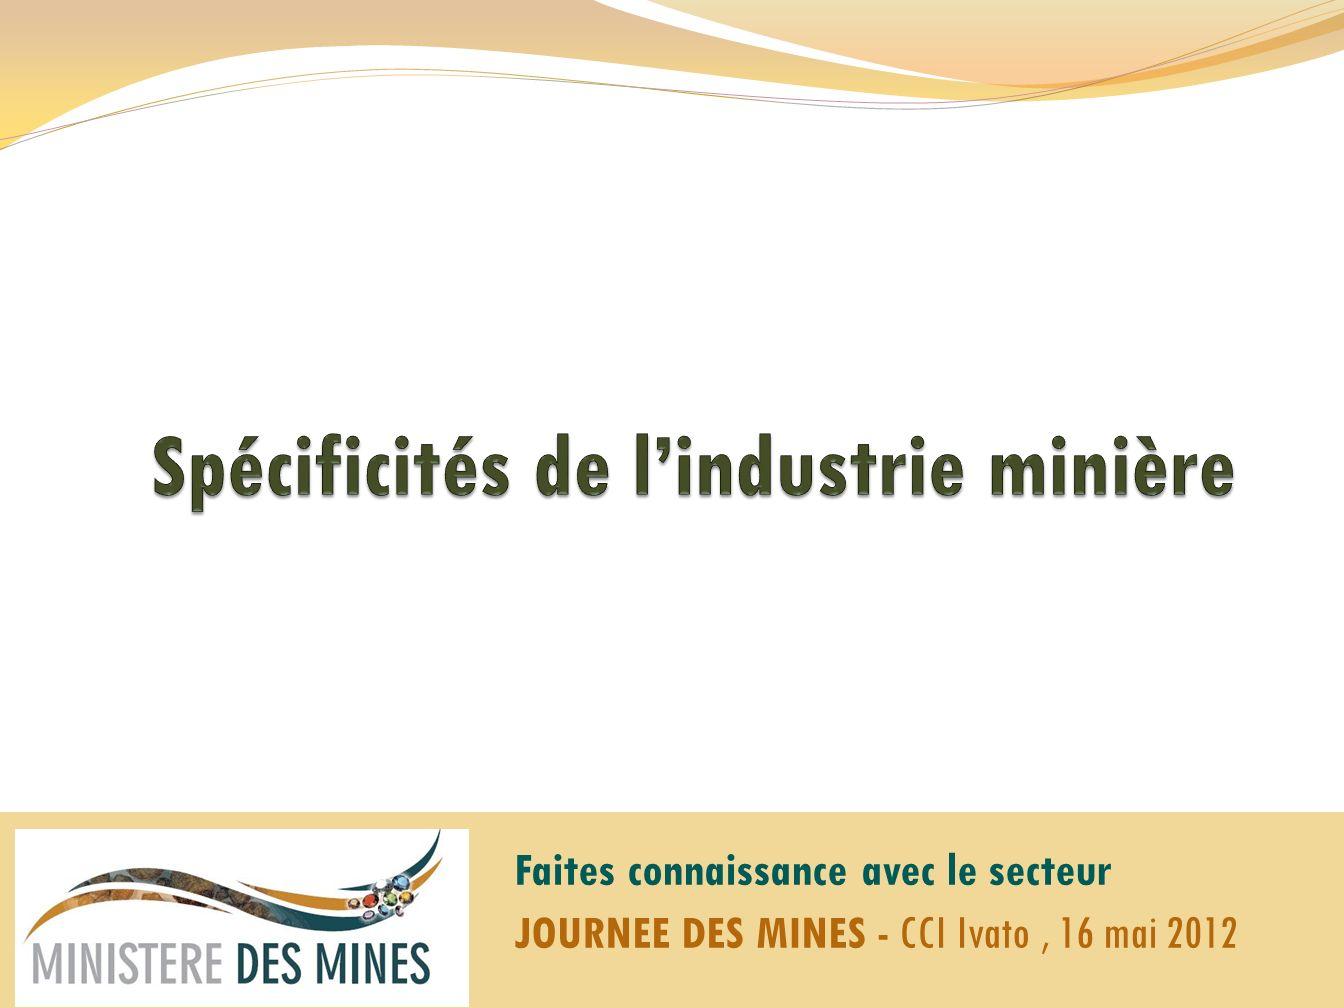 Spécificités de l'industrie minière